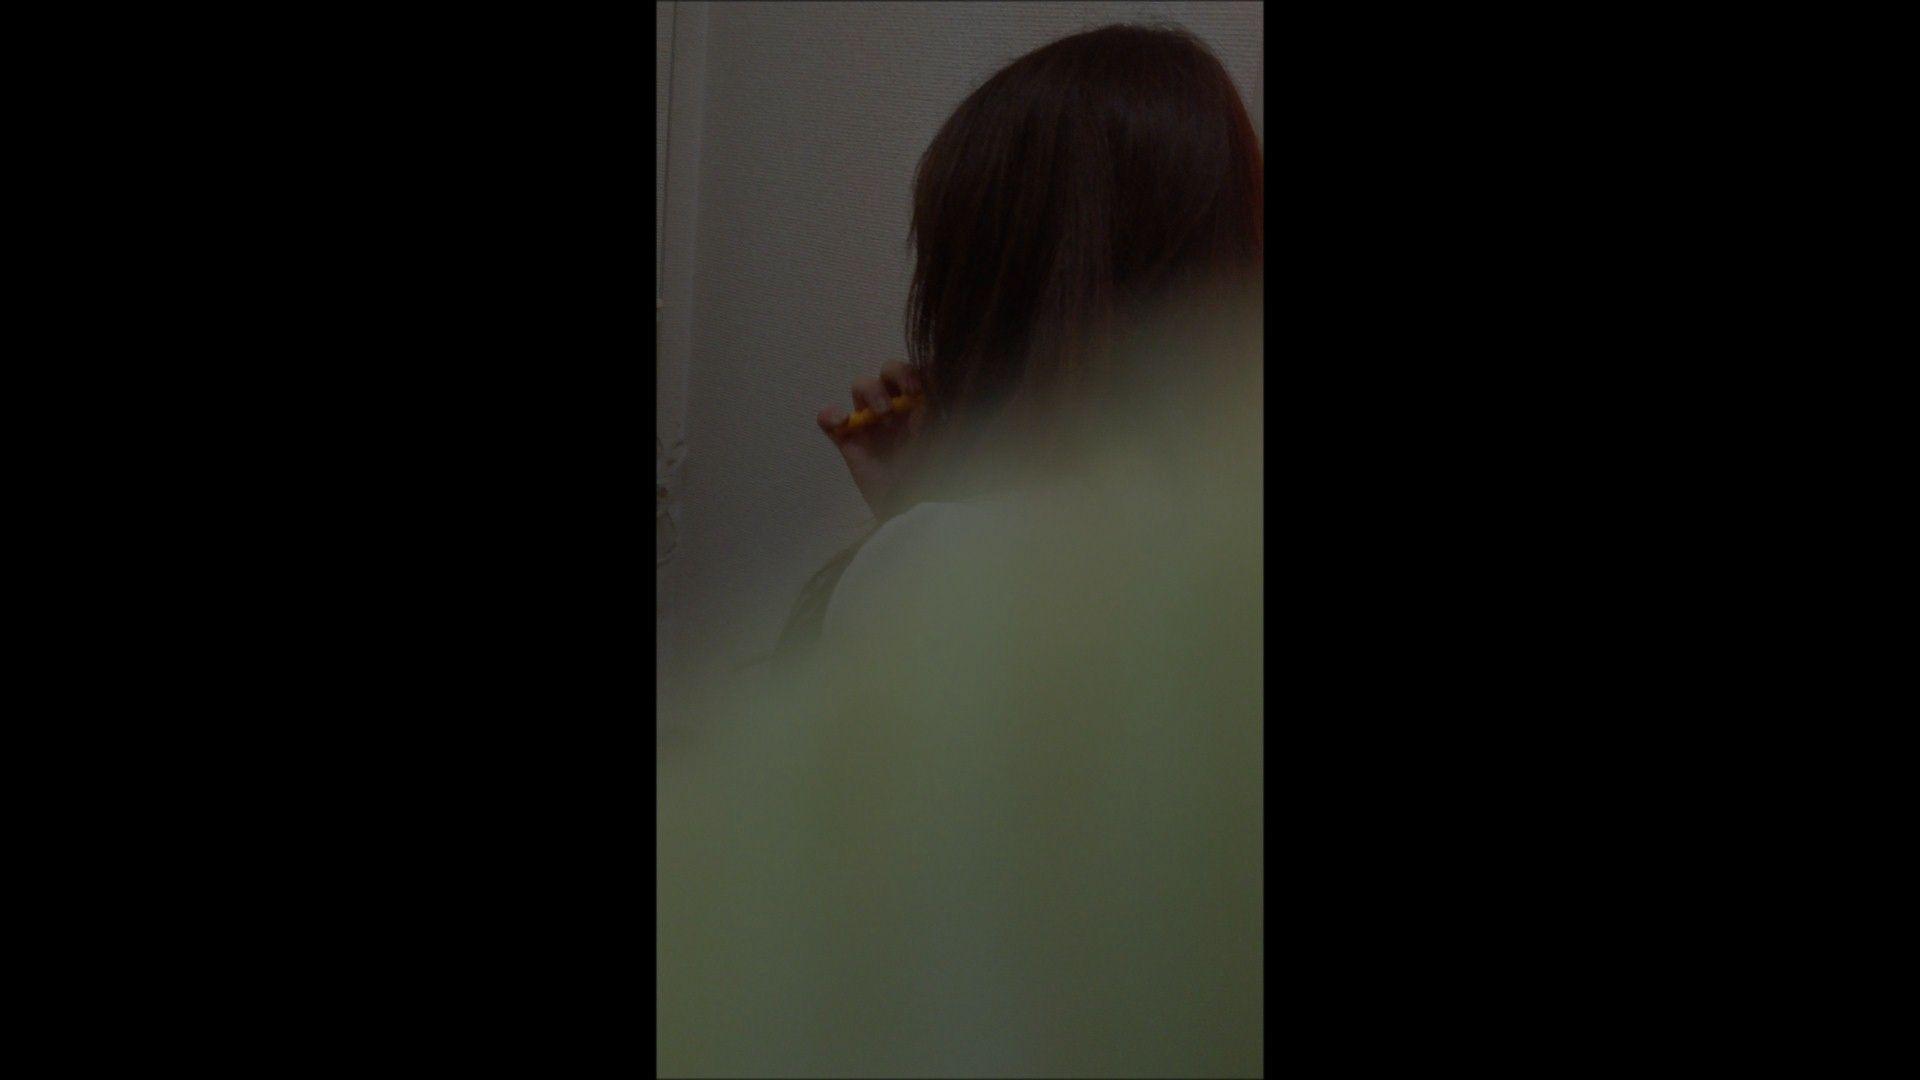 08(8日目)メイク中の彼女の顔を撮りました! いやらしいOL  51連発 4